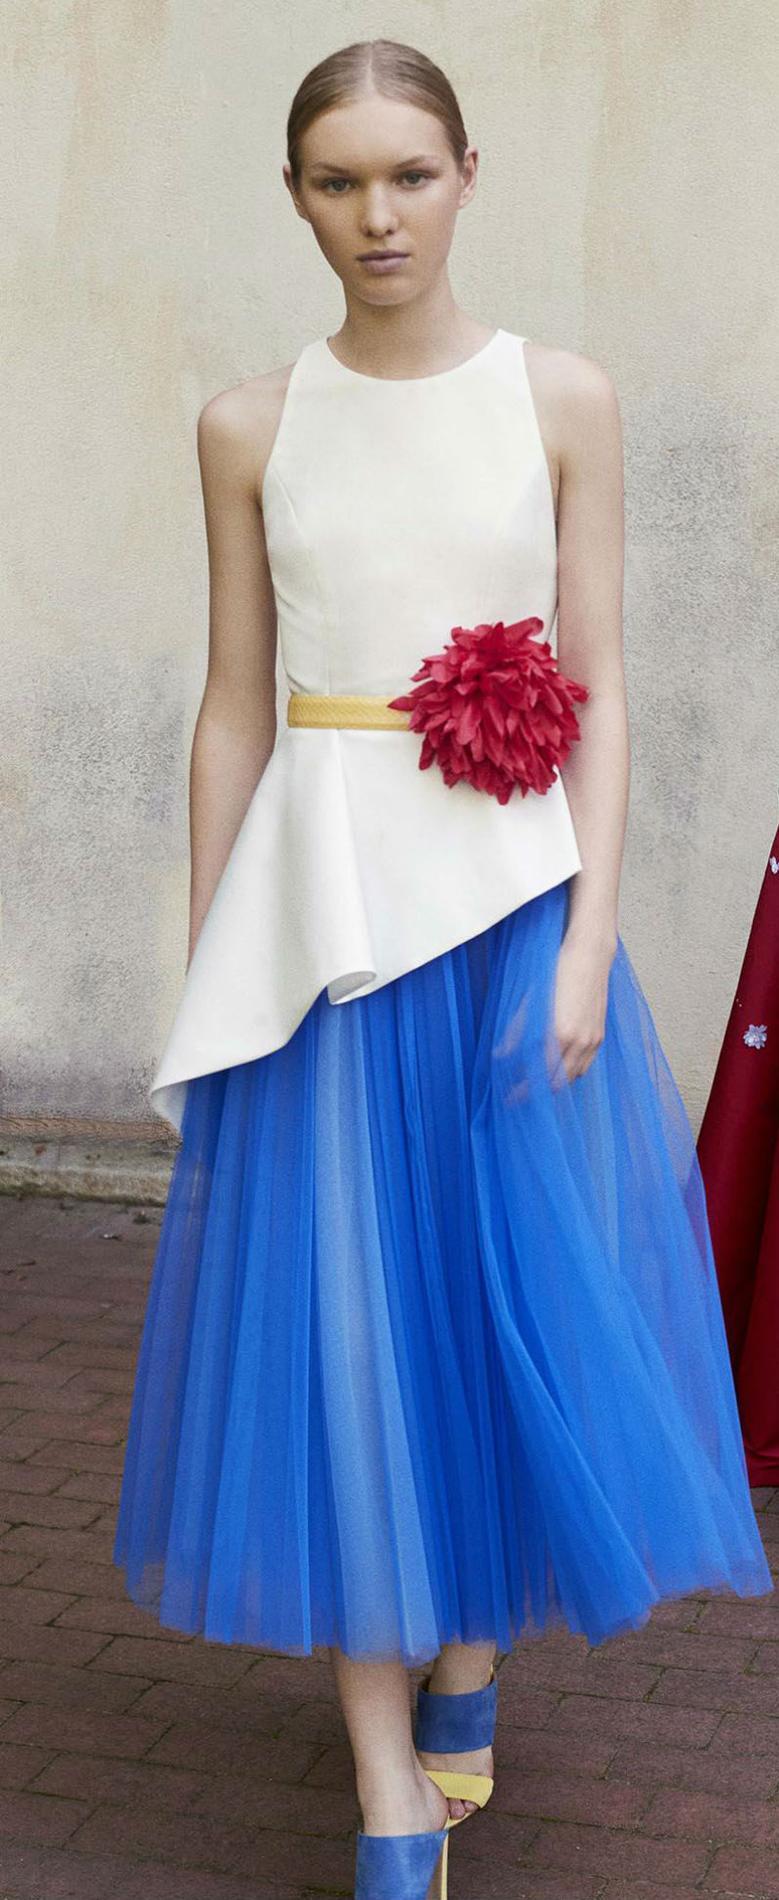 6552321c1ebd0 ... Des tenues d invitée pour un mariage (presque) royal - Carolina Herrera  ...